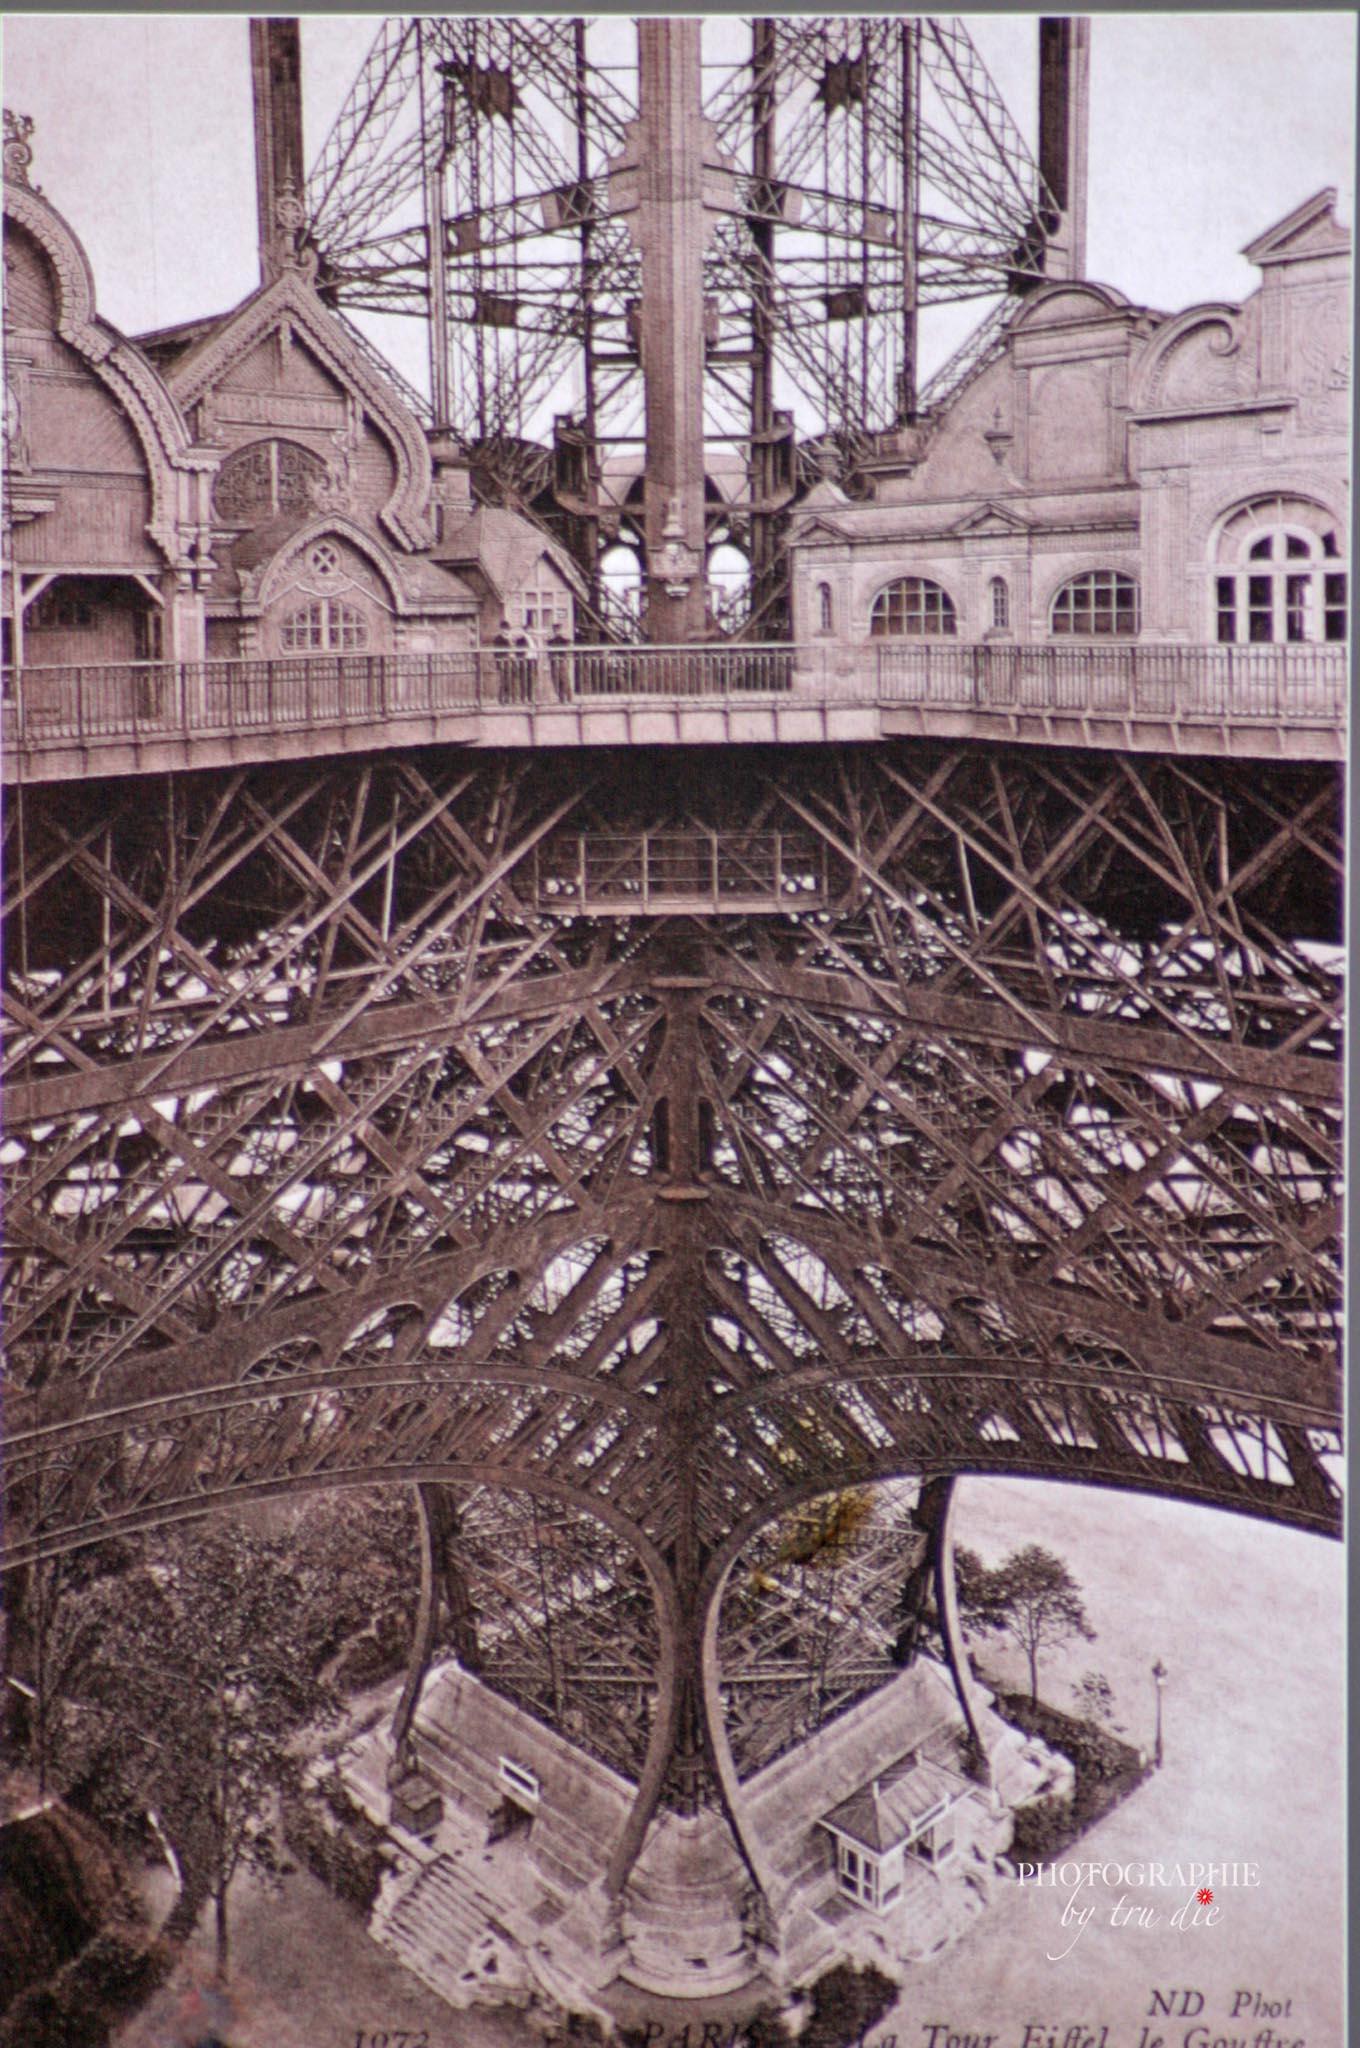 Bild: Foto der alten ausgestellten Fotos auf dem Eiffelturm